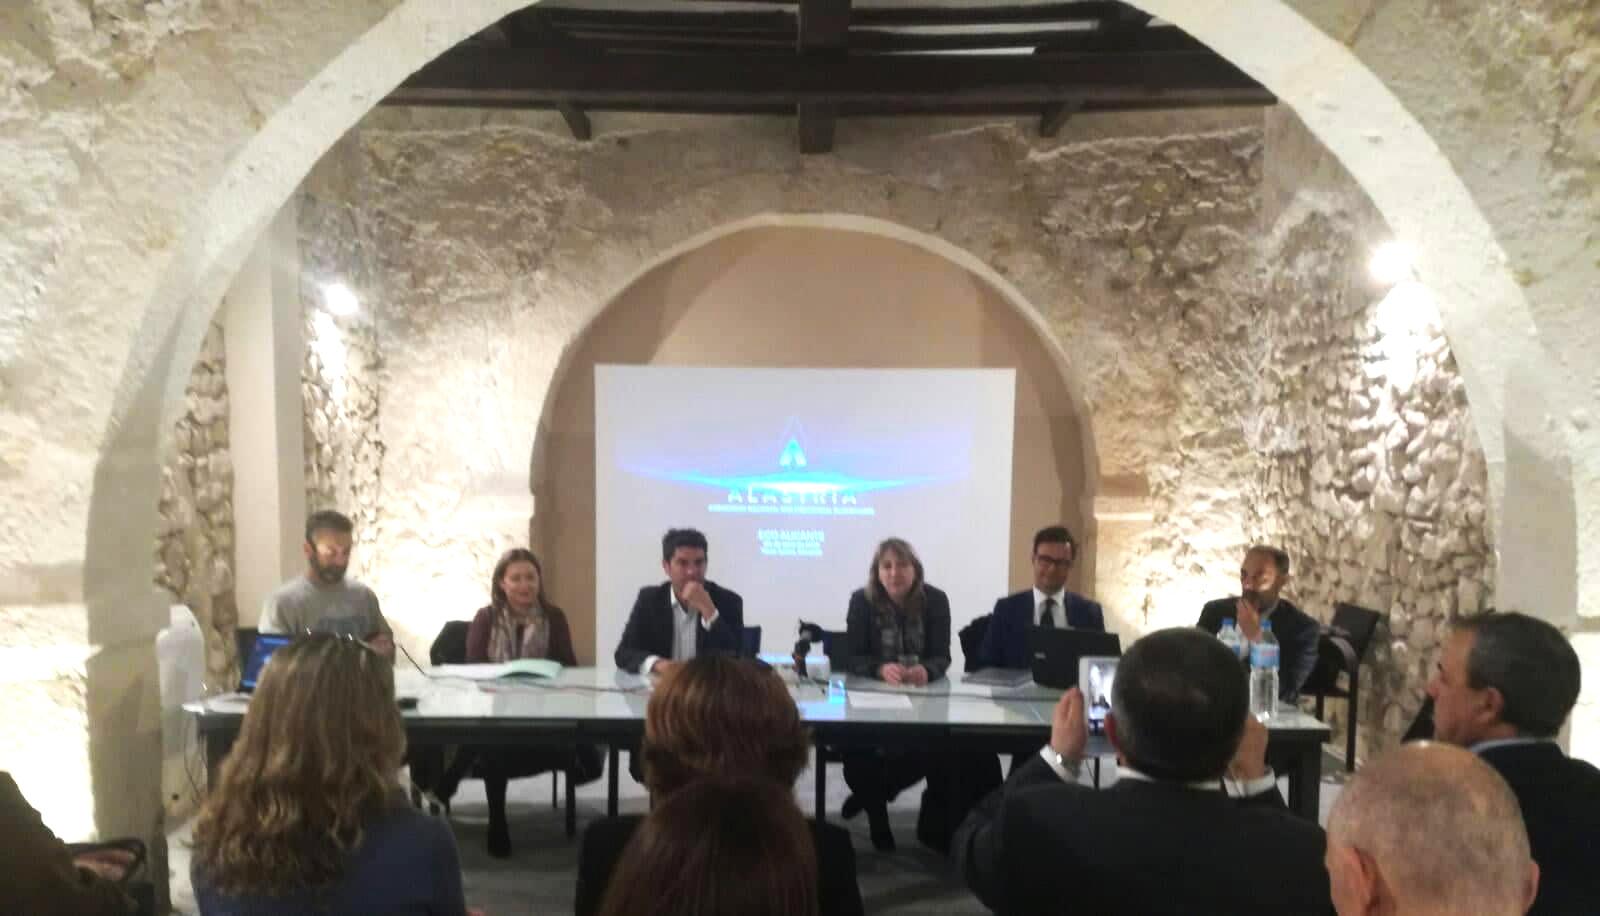 El presidente de FIFED (segundo por la dcha.), coordinador del ECO de Alicante, en Torre Juana Open Space Technology, junto a otros miembros de Alastria.